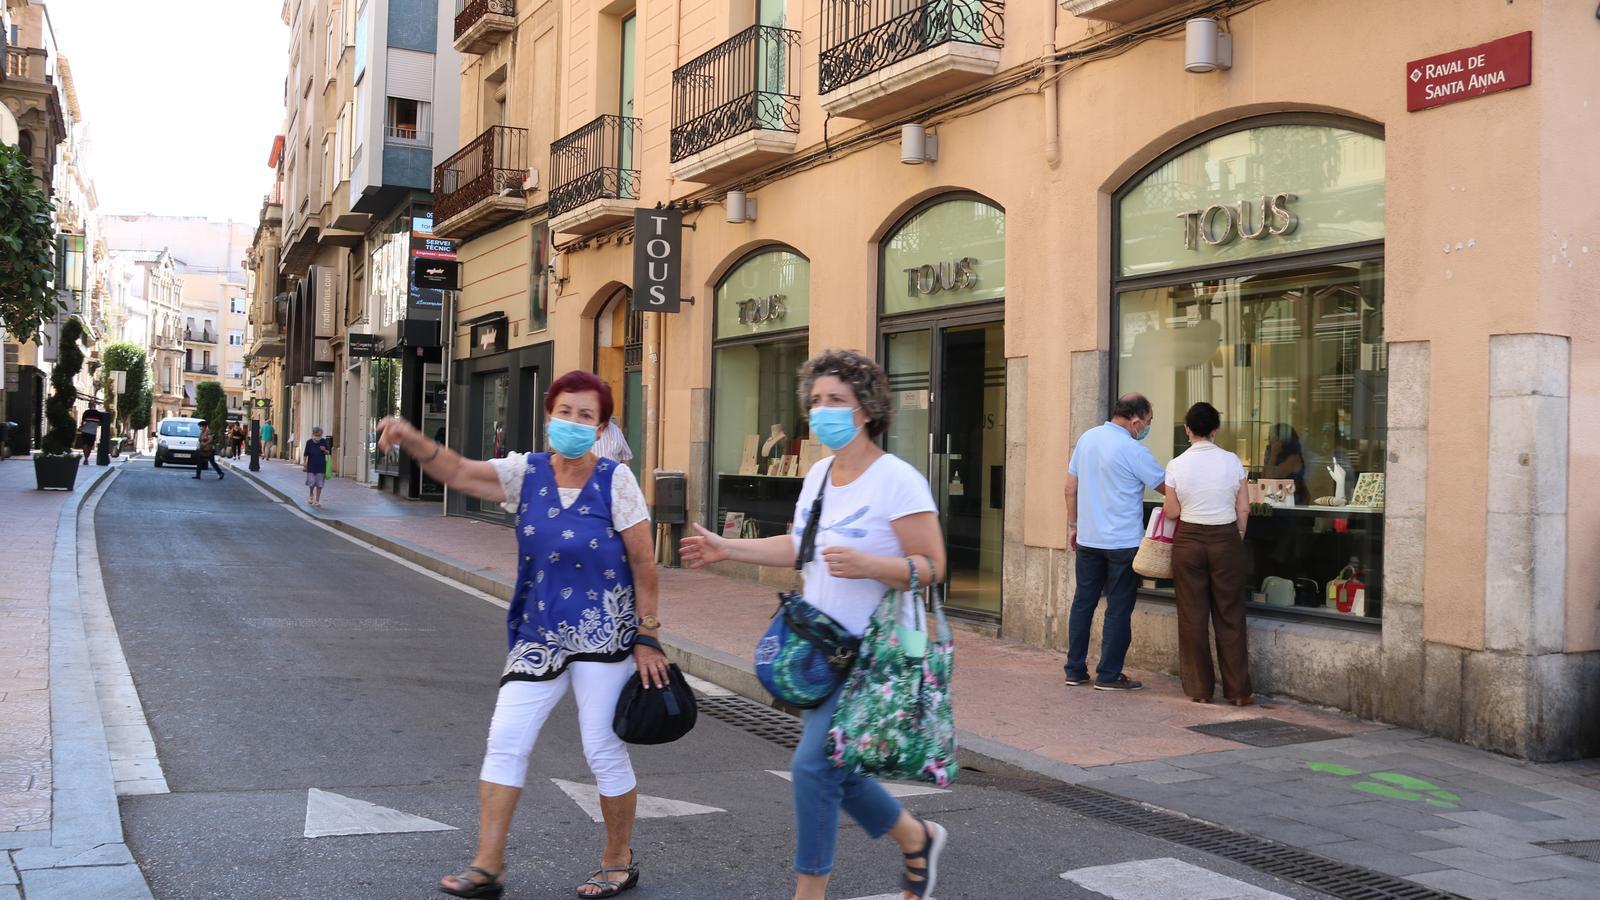 Salut admet un repunt de contagis al Camp de Tarragona